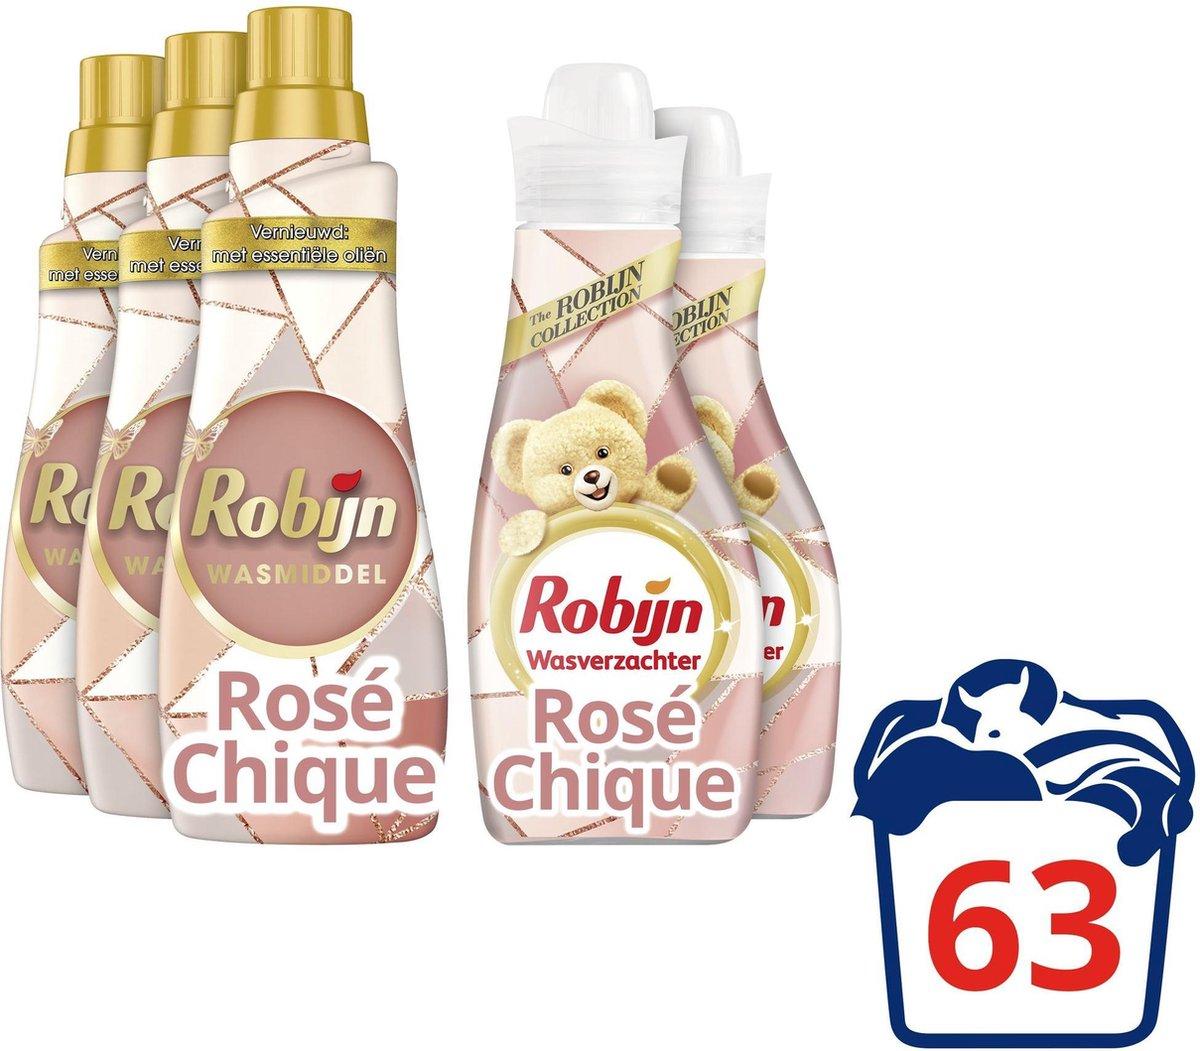 Robijn Rose Chique Wasmiddel en Wasverzachter - 60 wasbeurten - Voordeelverpakking